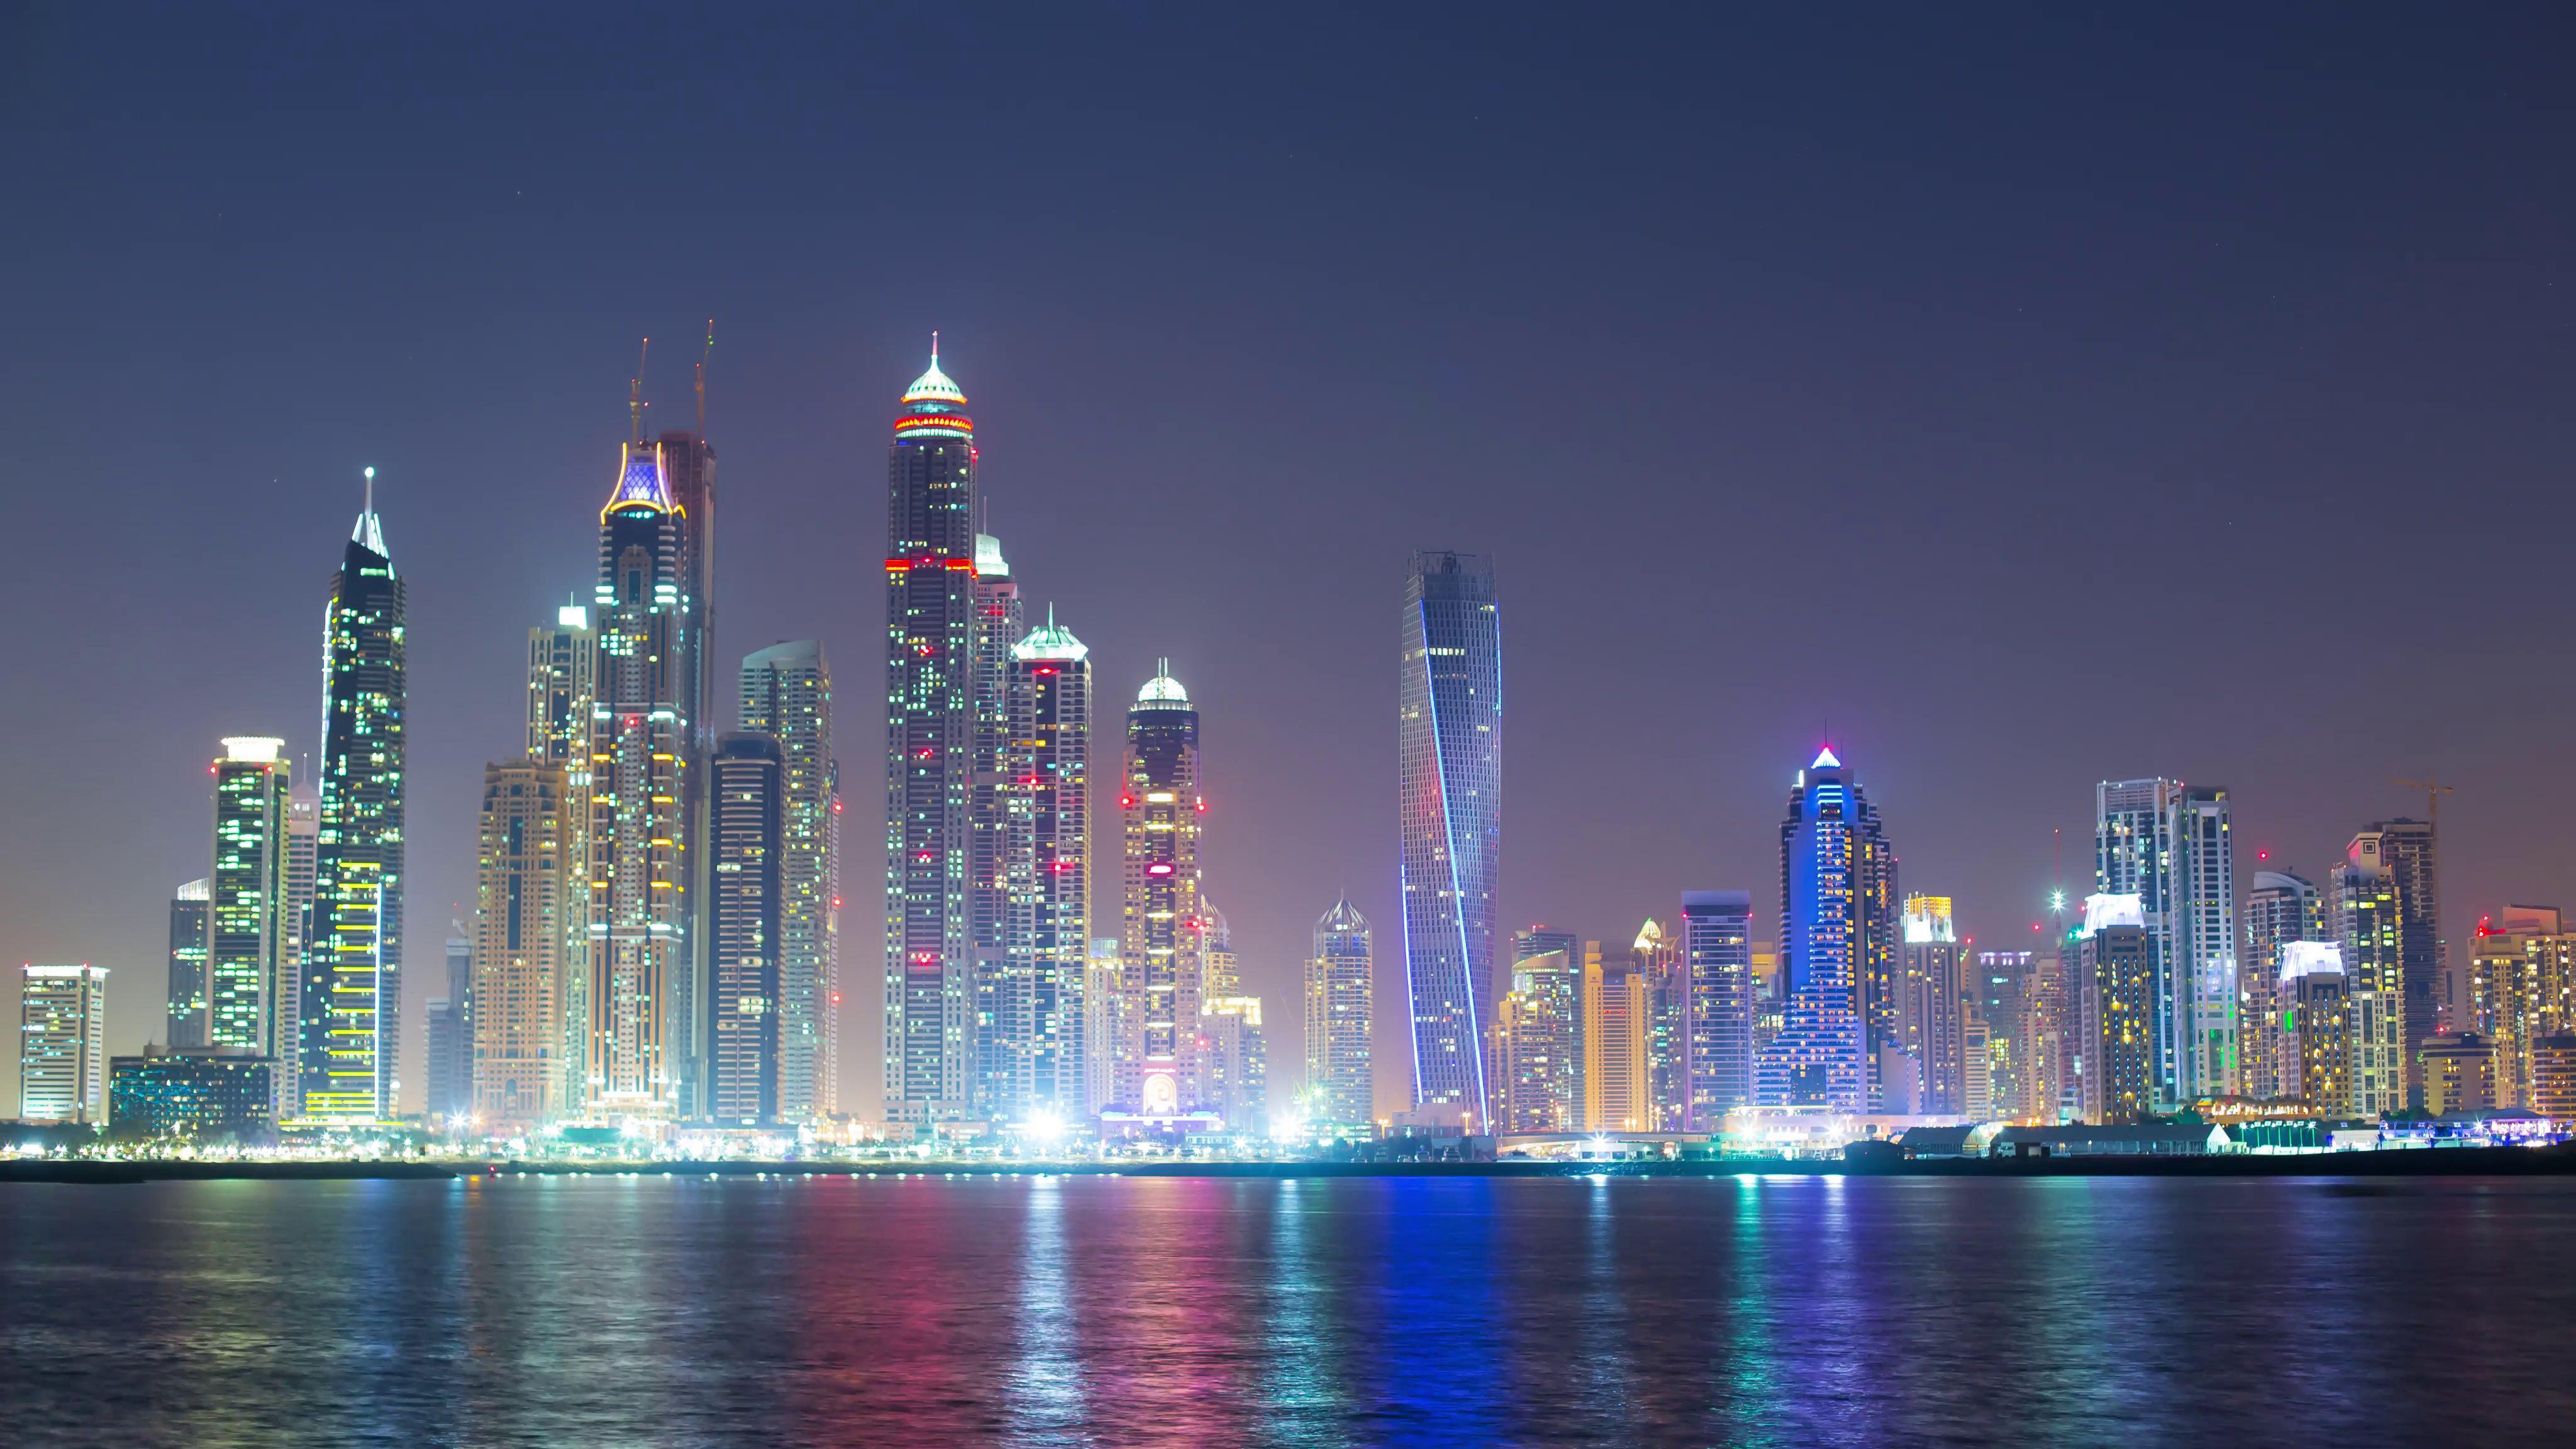 Panoramic Dubai Wallpaper 4K Colorful